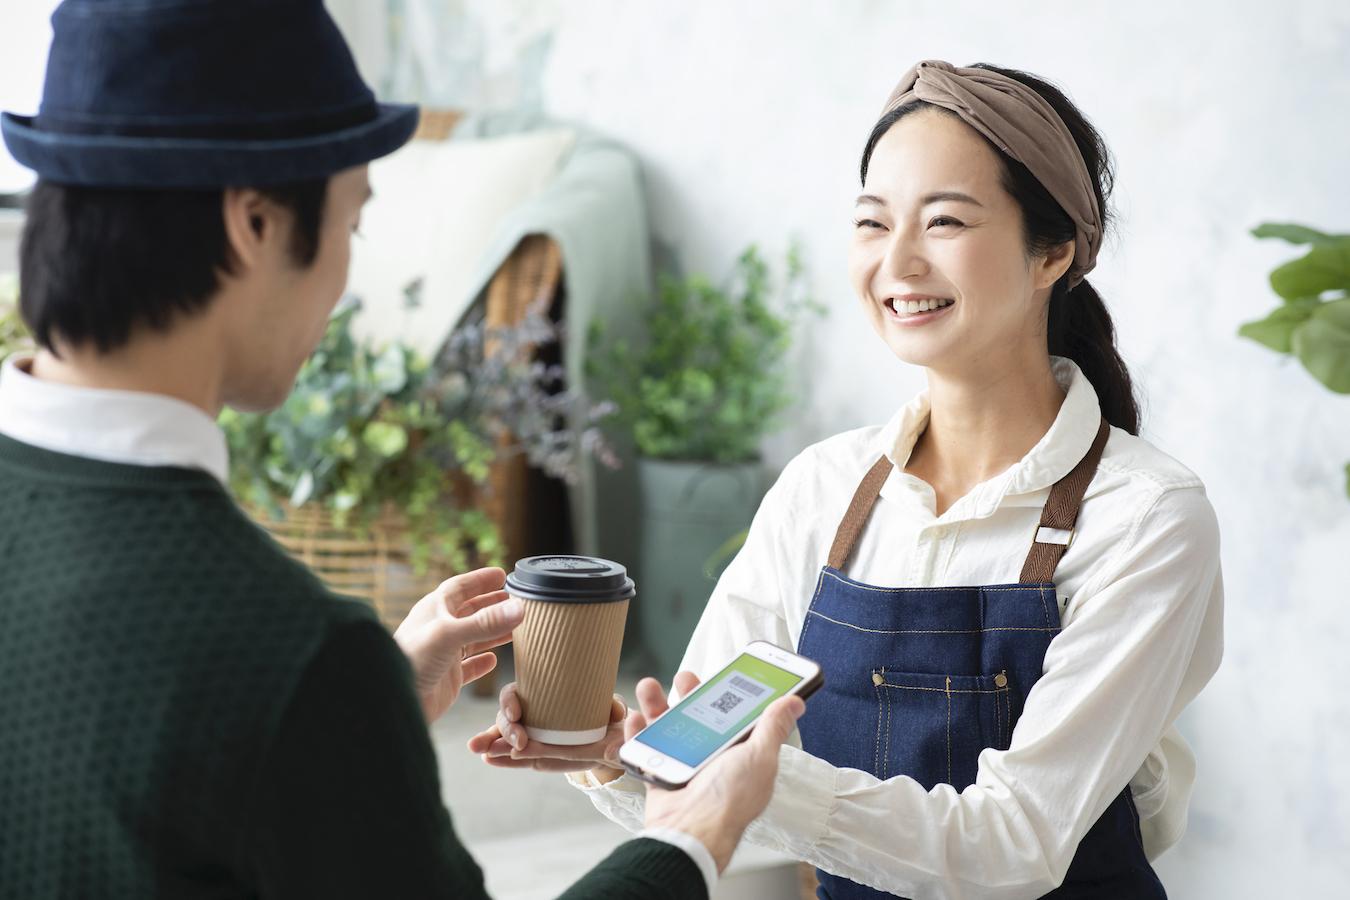 実は日本の電子マネー利用額は世界最大!?キャッシュレスの歴史と未来